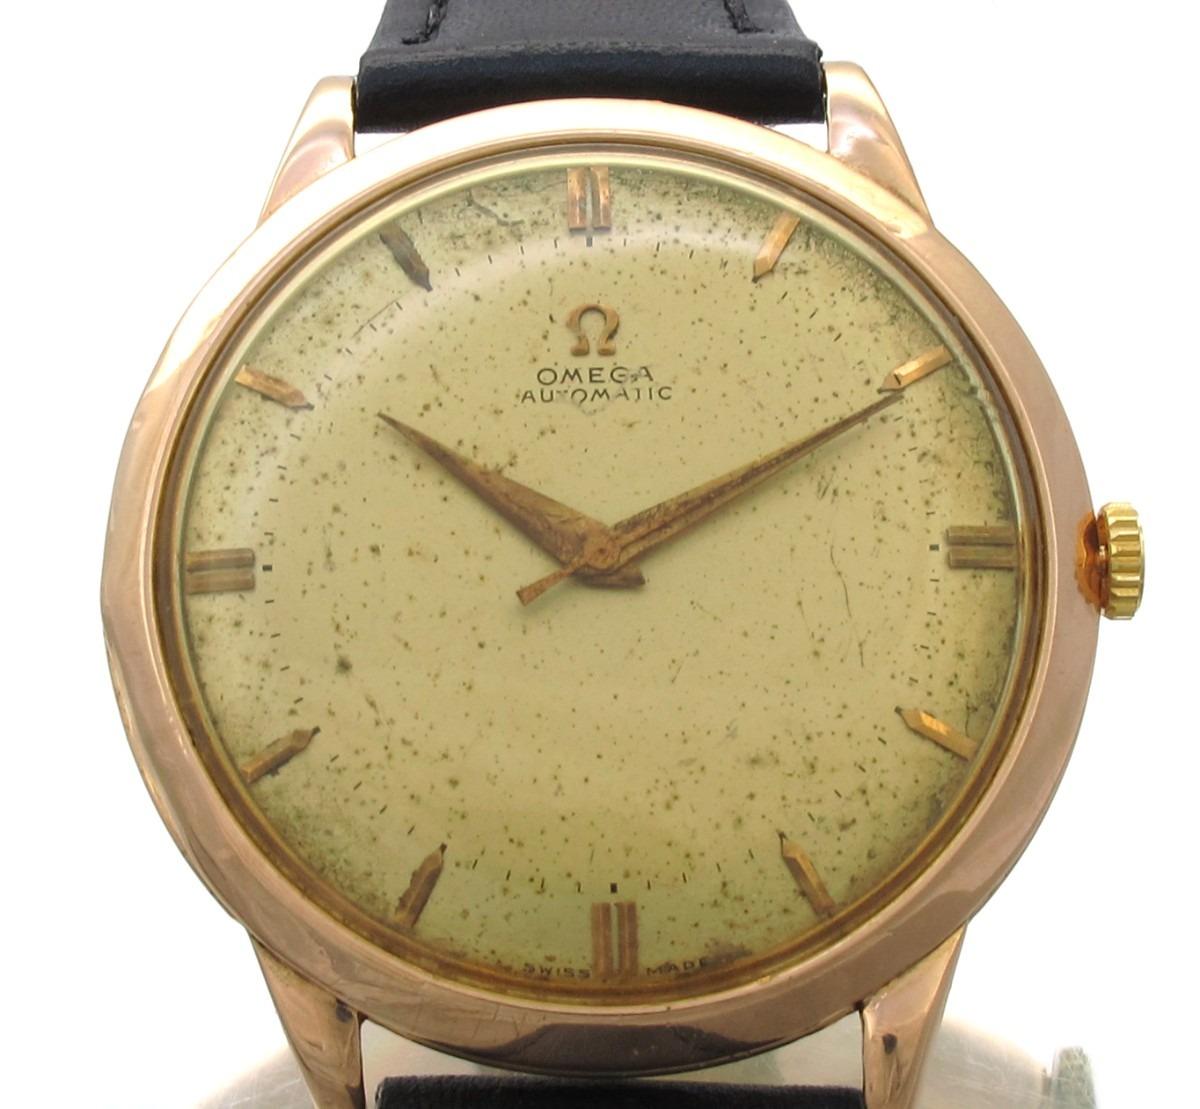 fcb786e4154 omega automático mov martelo relógio em ouro rose 18k j10856. Carregando  zoom.